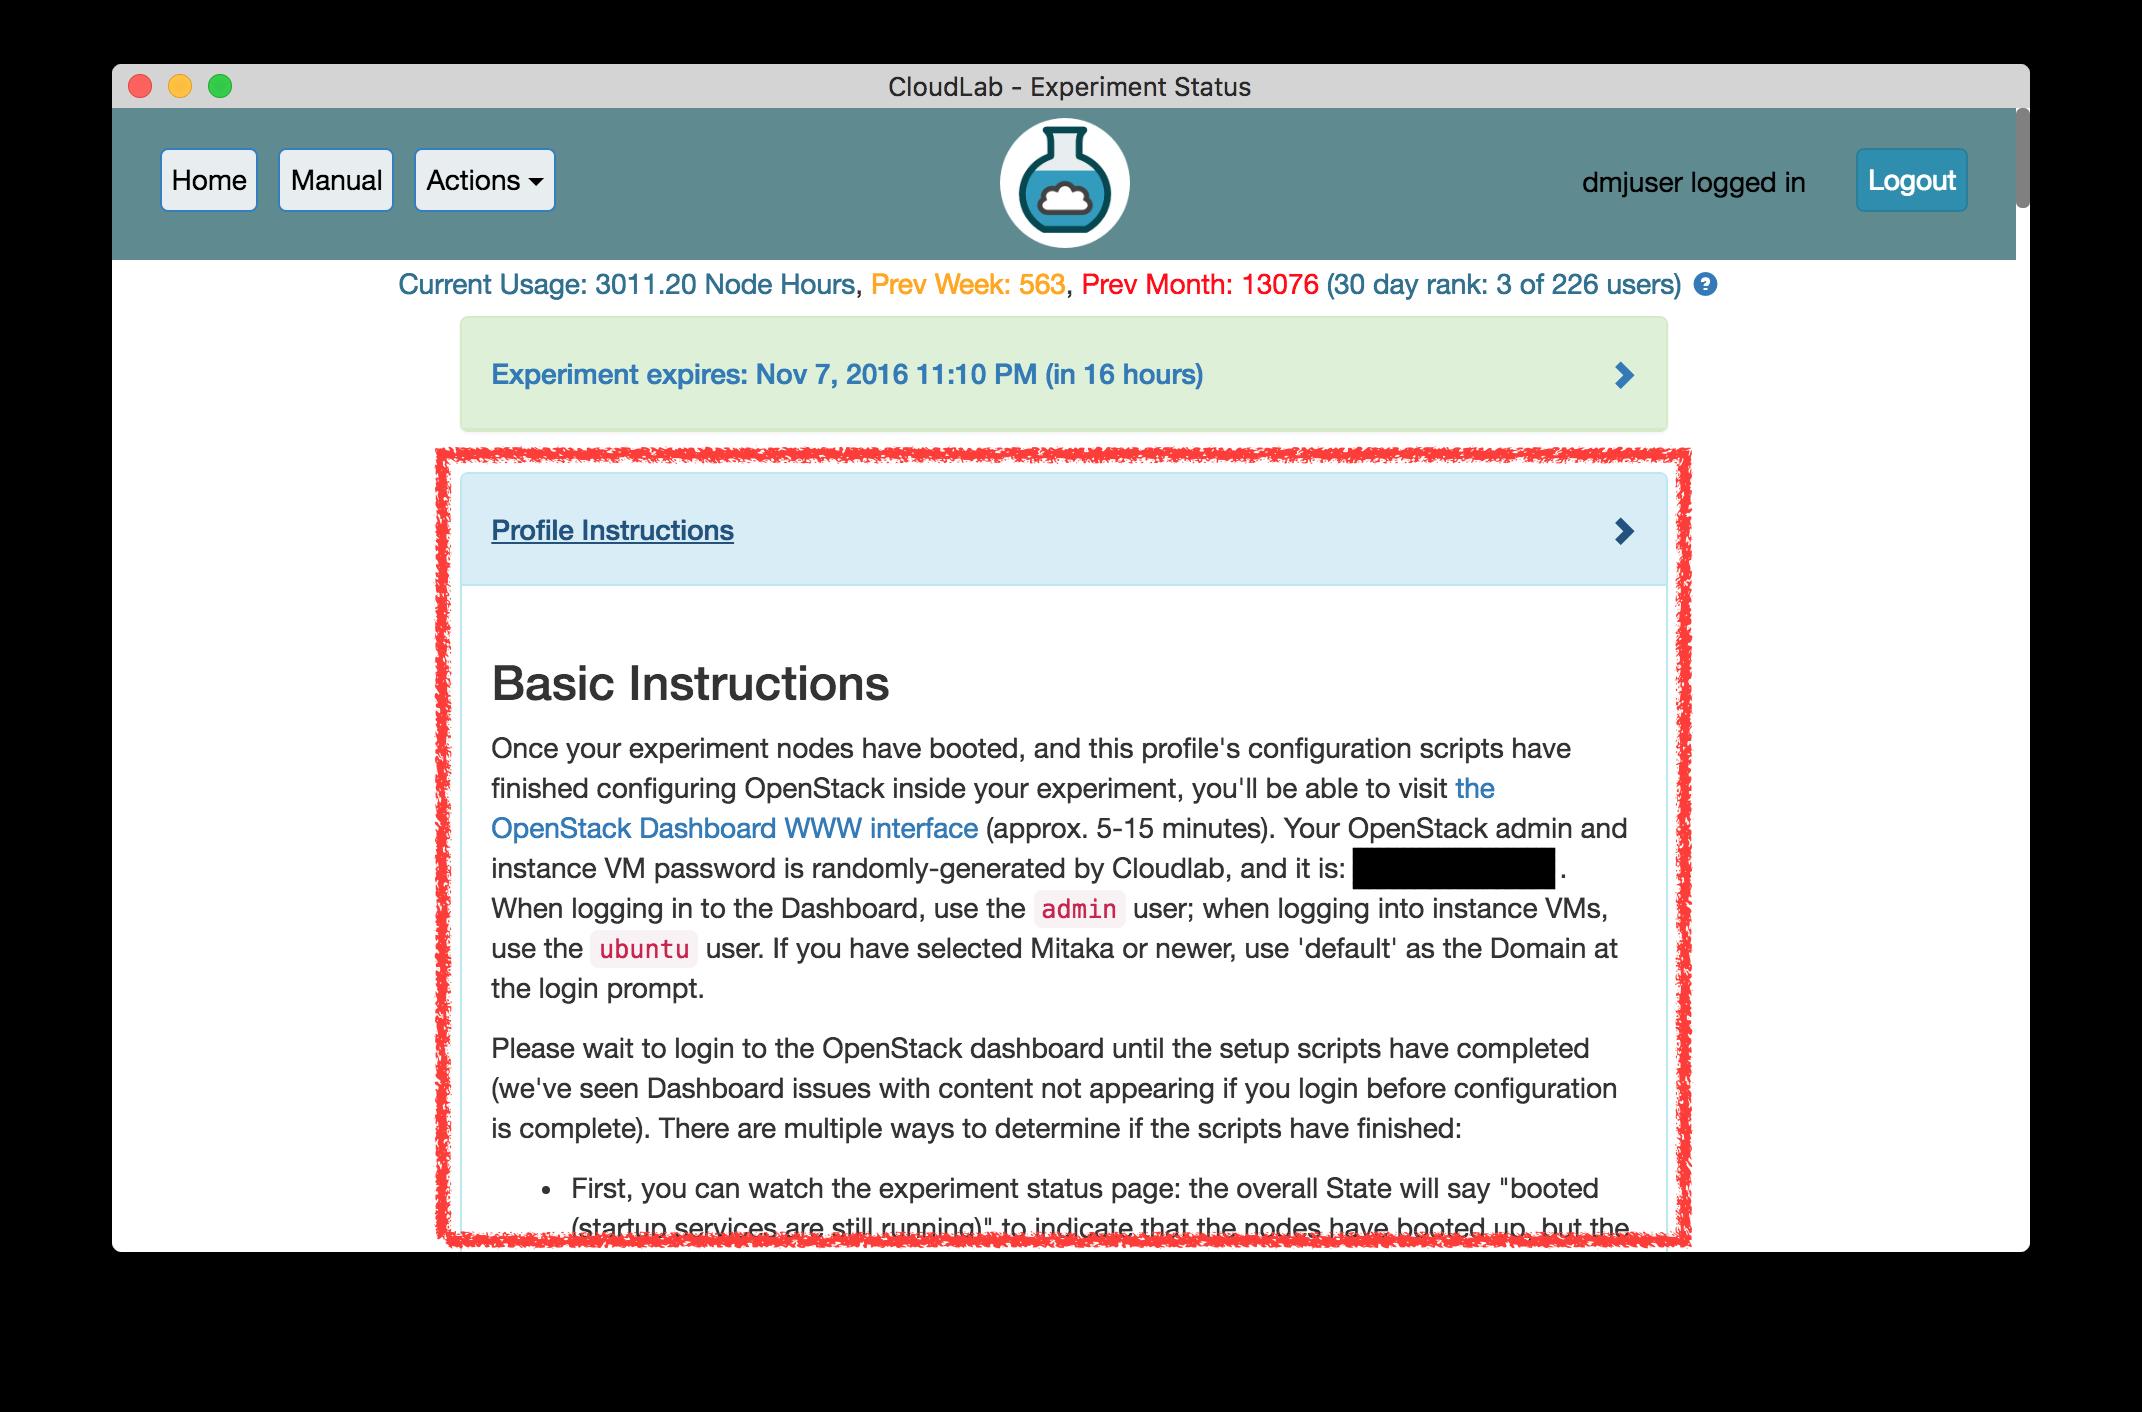 screenshots/clab/tutorial/experiment-instructions.png